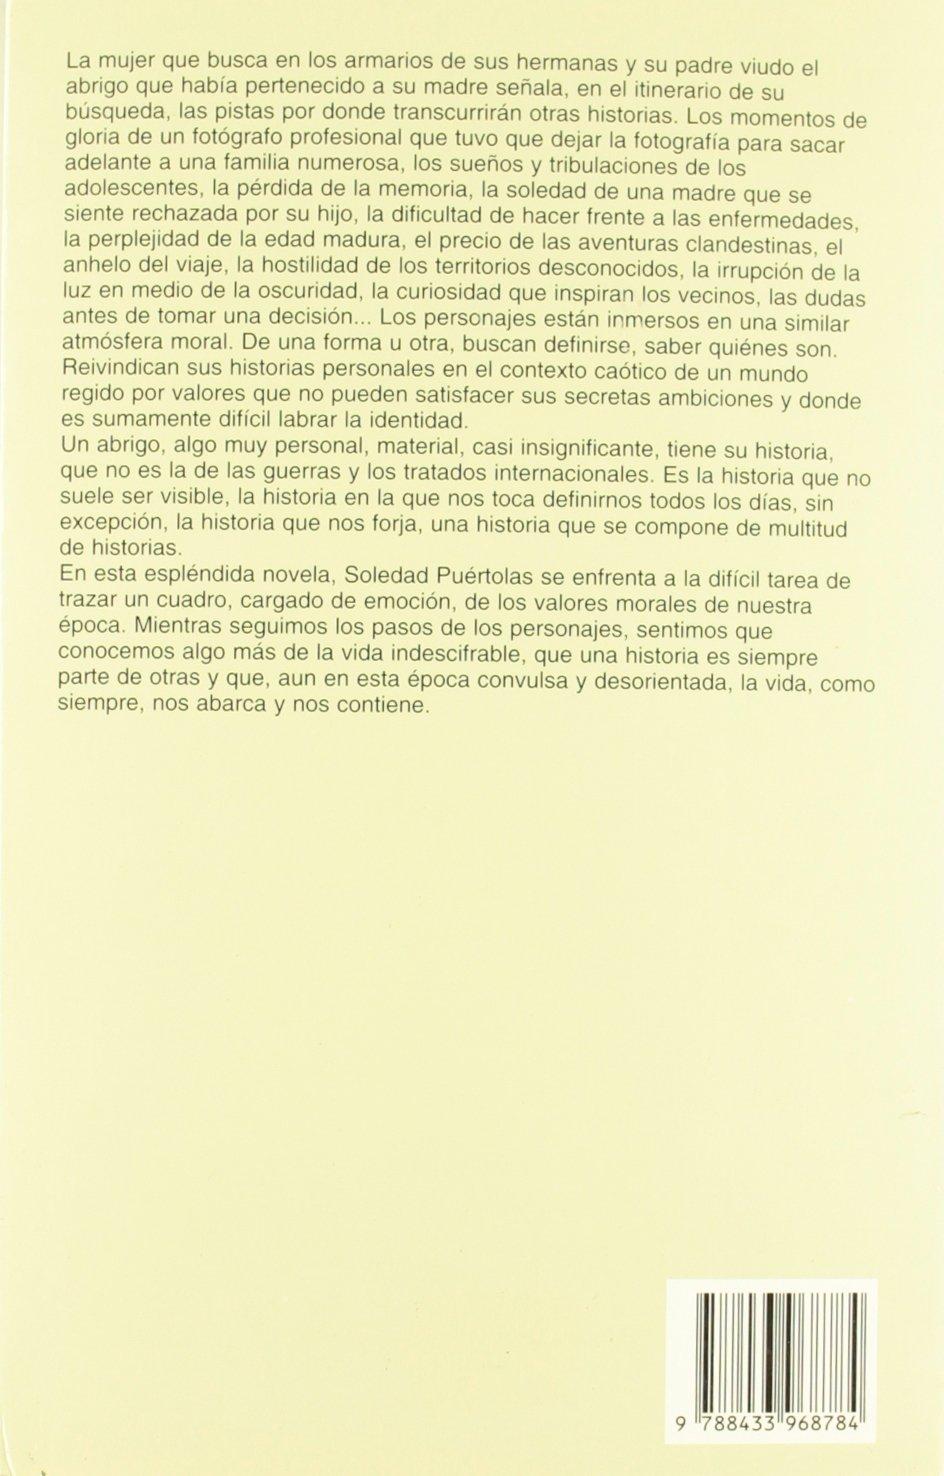 Historia de Un Abrigo (Spanish Edition): Soledad Puertolas: 9788433968784: Amazon.com: Books